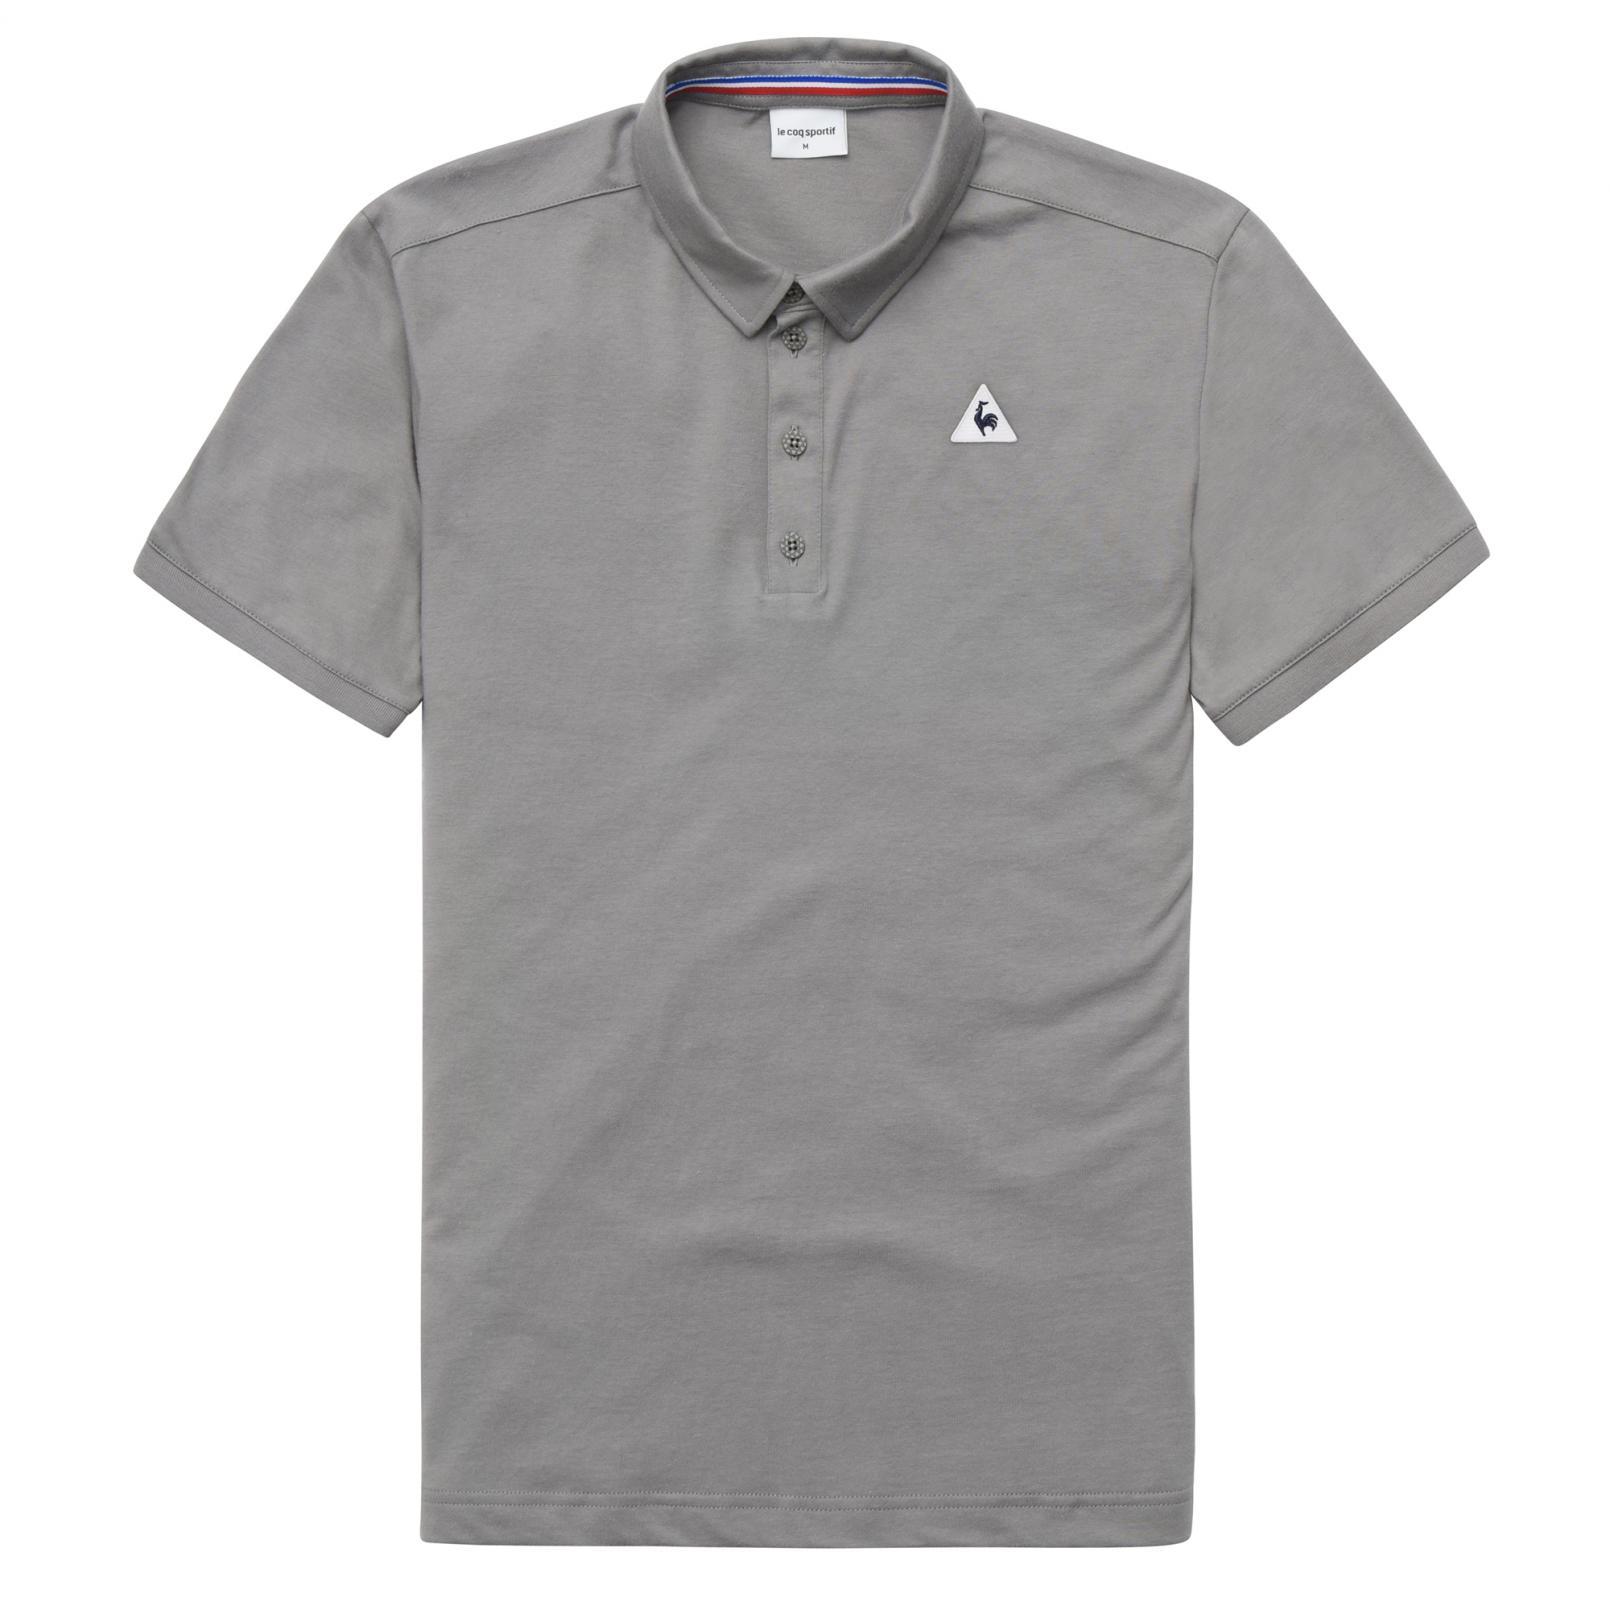 Polo – Le Coq Sportif Essentiels Polo Grey